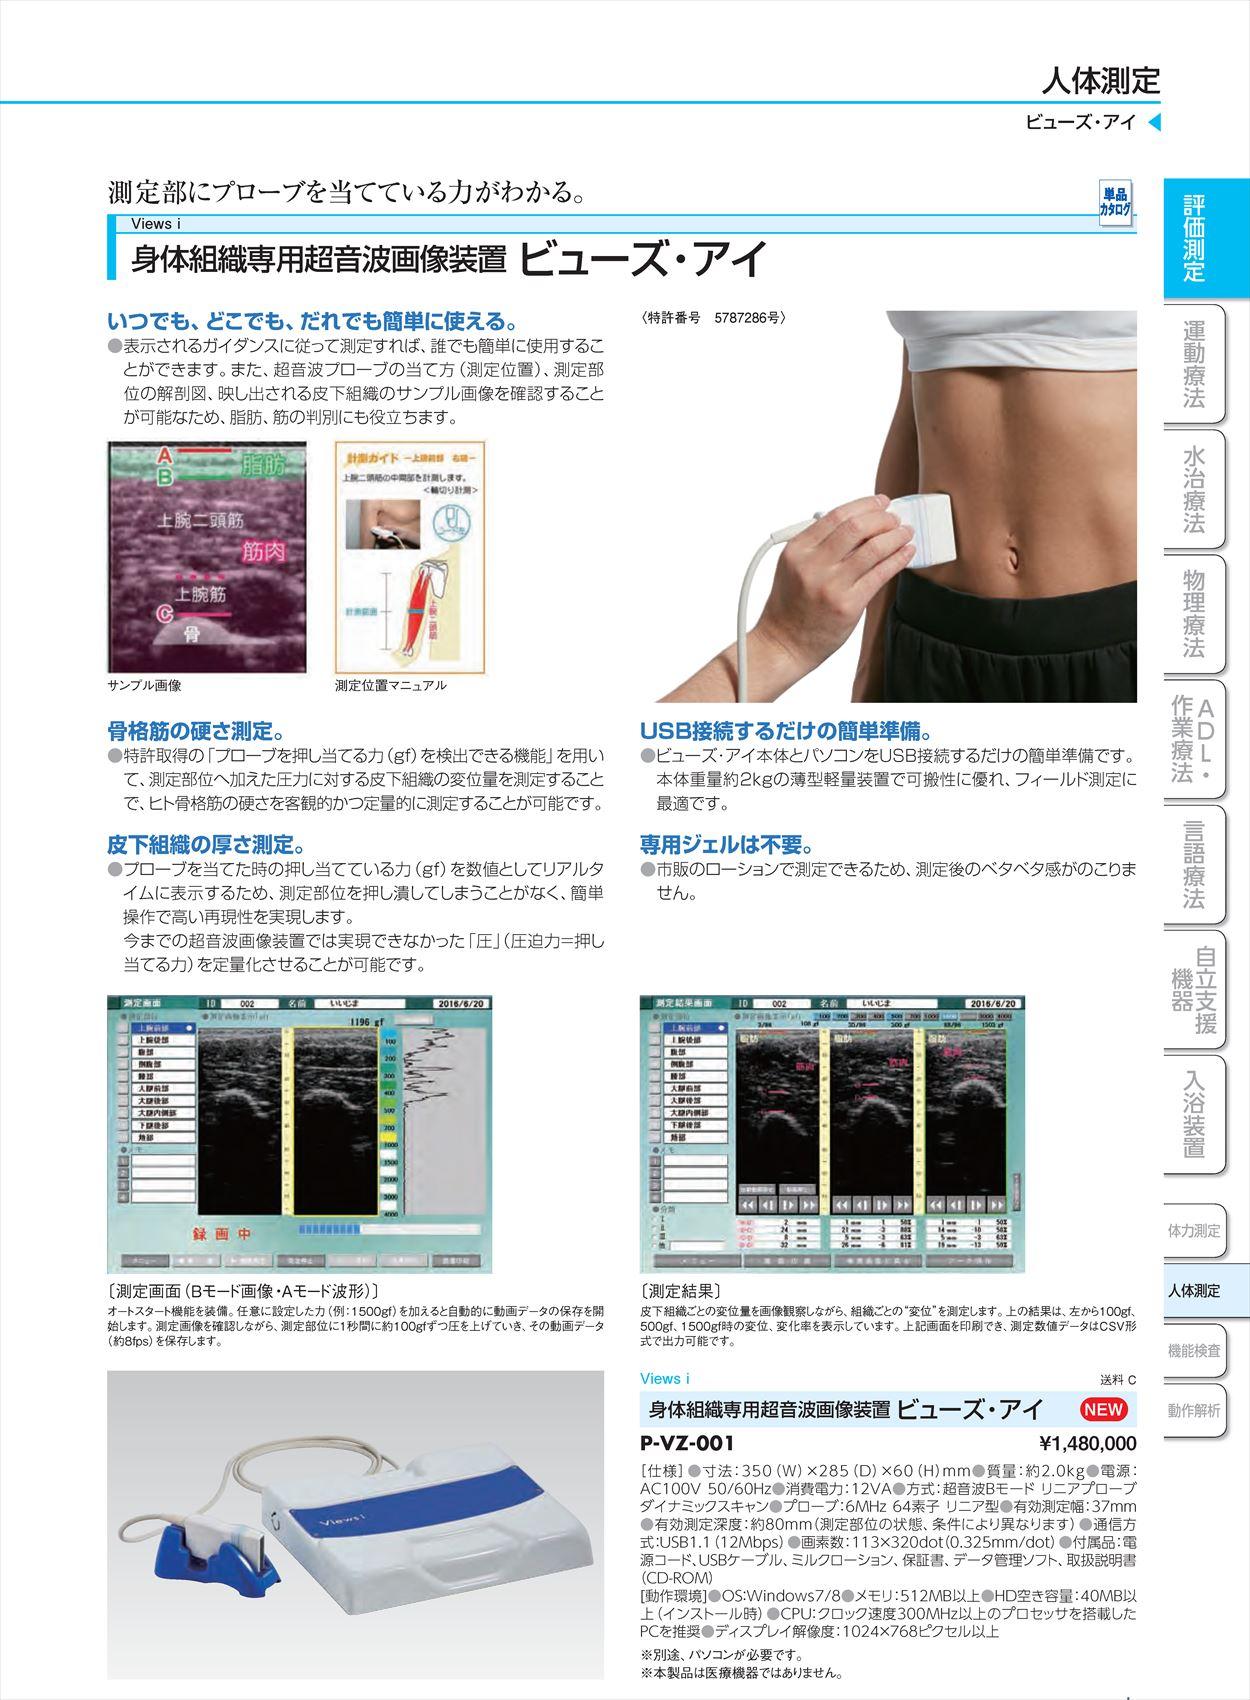 【※送料別途】ビューズ・アイP-VZ-001[台](sa14Q33802)【酒井医療】